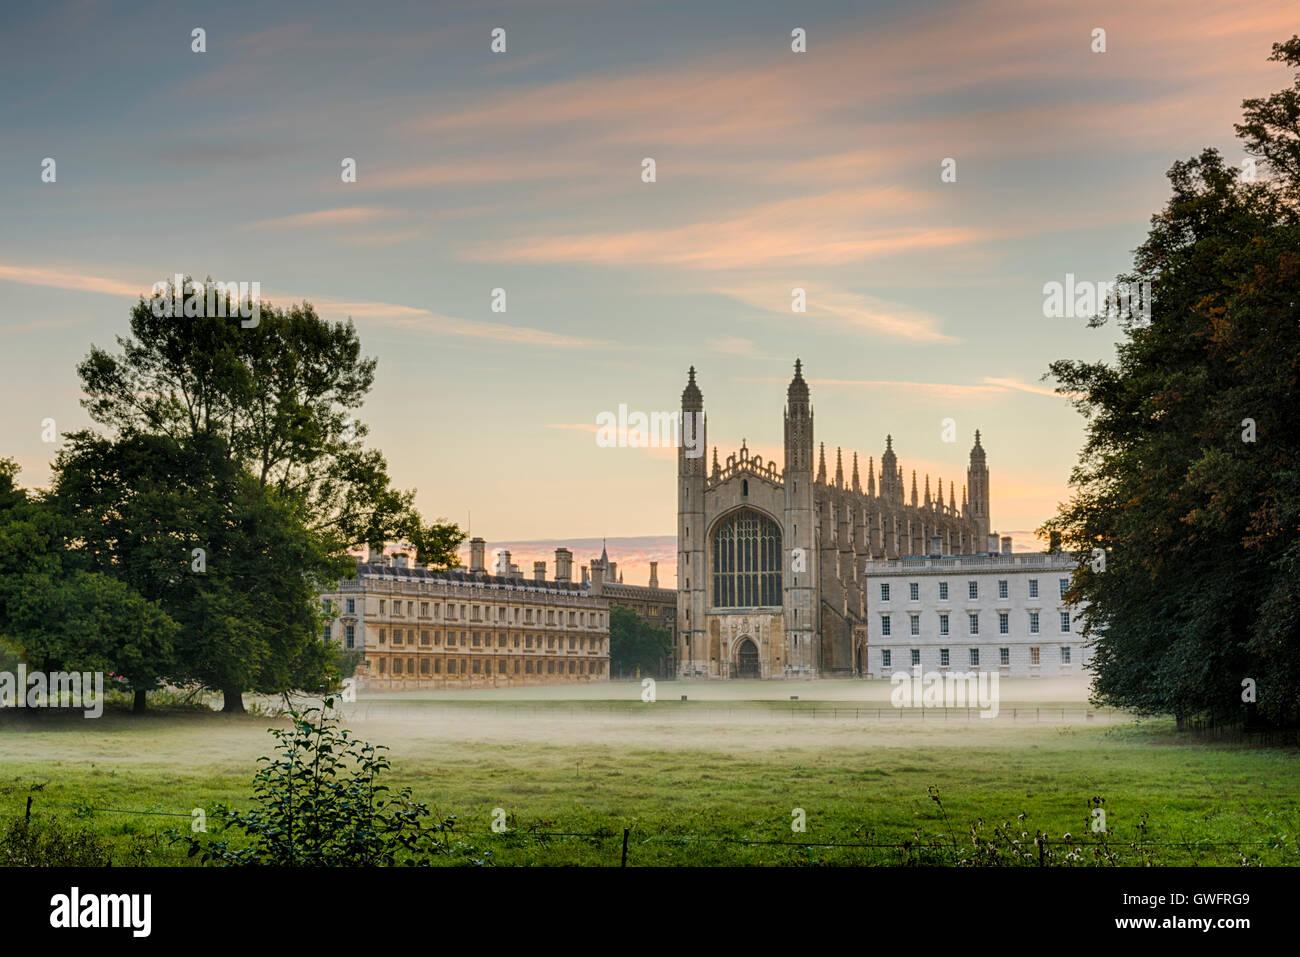 King's College, Cambridge, Reino Unido, 13 de septiembre de 2016. Mist se cuelga en el aire y en el cuidado césped del King's College de Cambridge, Reino Unido al amanecer en uno de los mejores días de septiembre en el Reino Unido el registro. Las temperaturas en todo el sureste de Inglaterra, se prevé que lleguen más de 30 grados centígrados en una ola de calor a principios de otoño. Crédito: Julian Eales/Alamy Live News Foto de stock